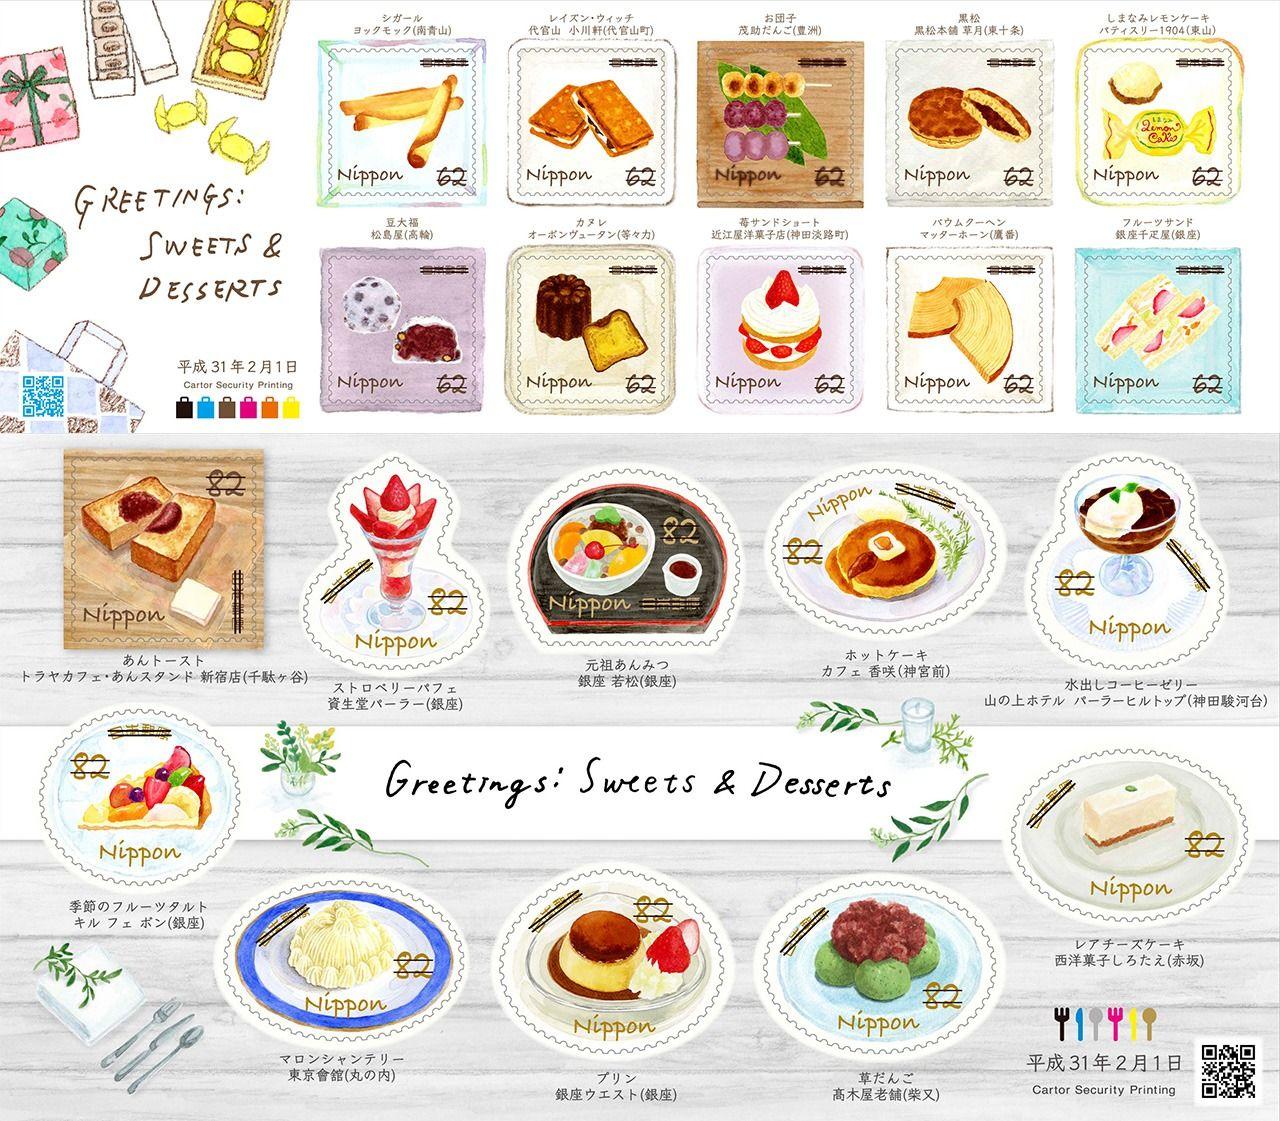 Лист почтовых марок со сладостями и десертами поставляется в удобном формате наклеек, не требующих увлажнения при использовании (разработано Ямадой Ясуко; выпущено 1 февраля 2019 г.)